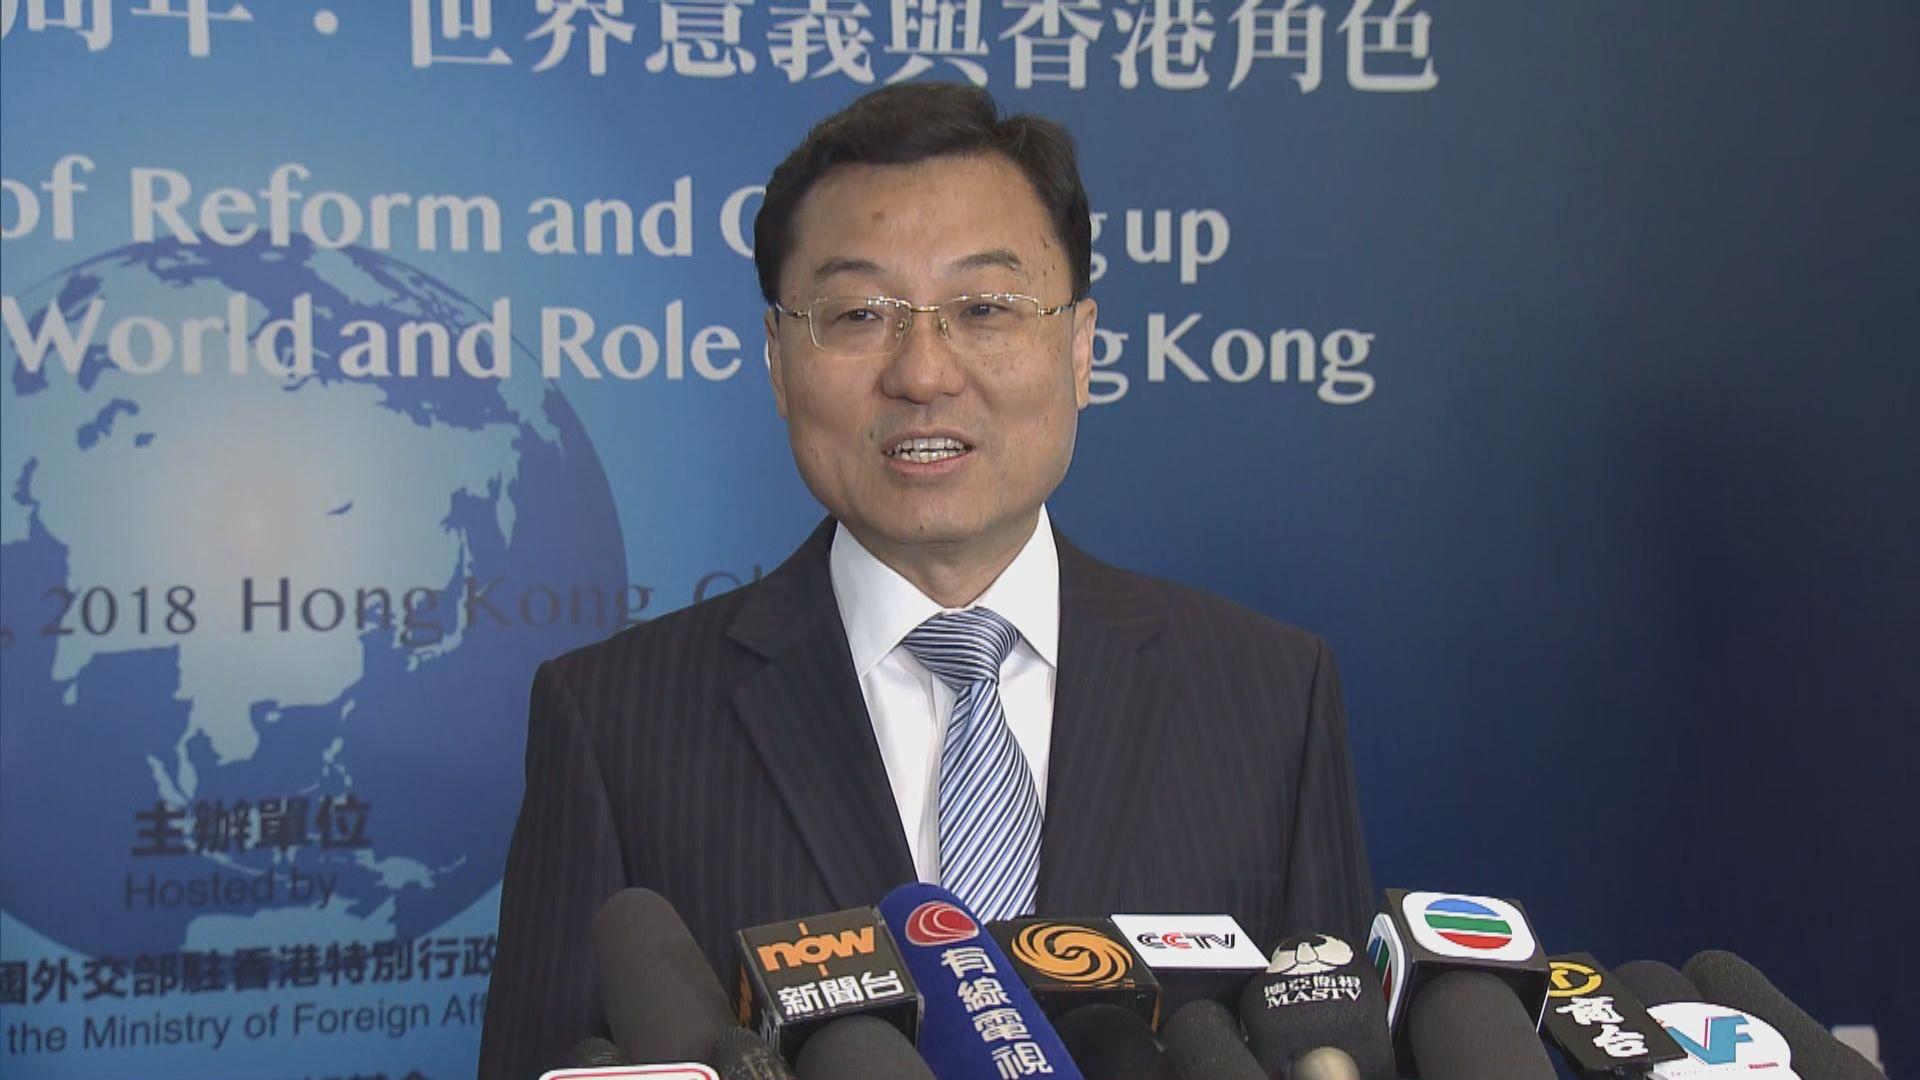 外交部駐港公署讚揚港對改革開放貢獻